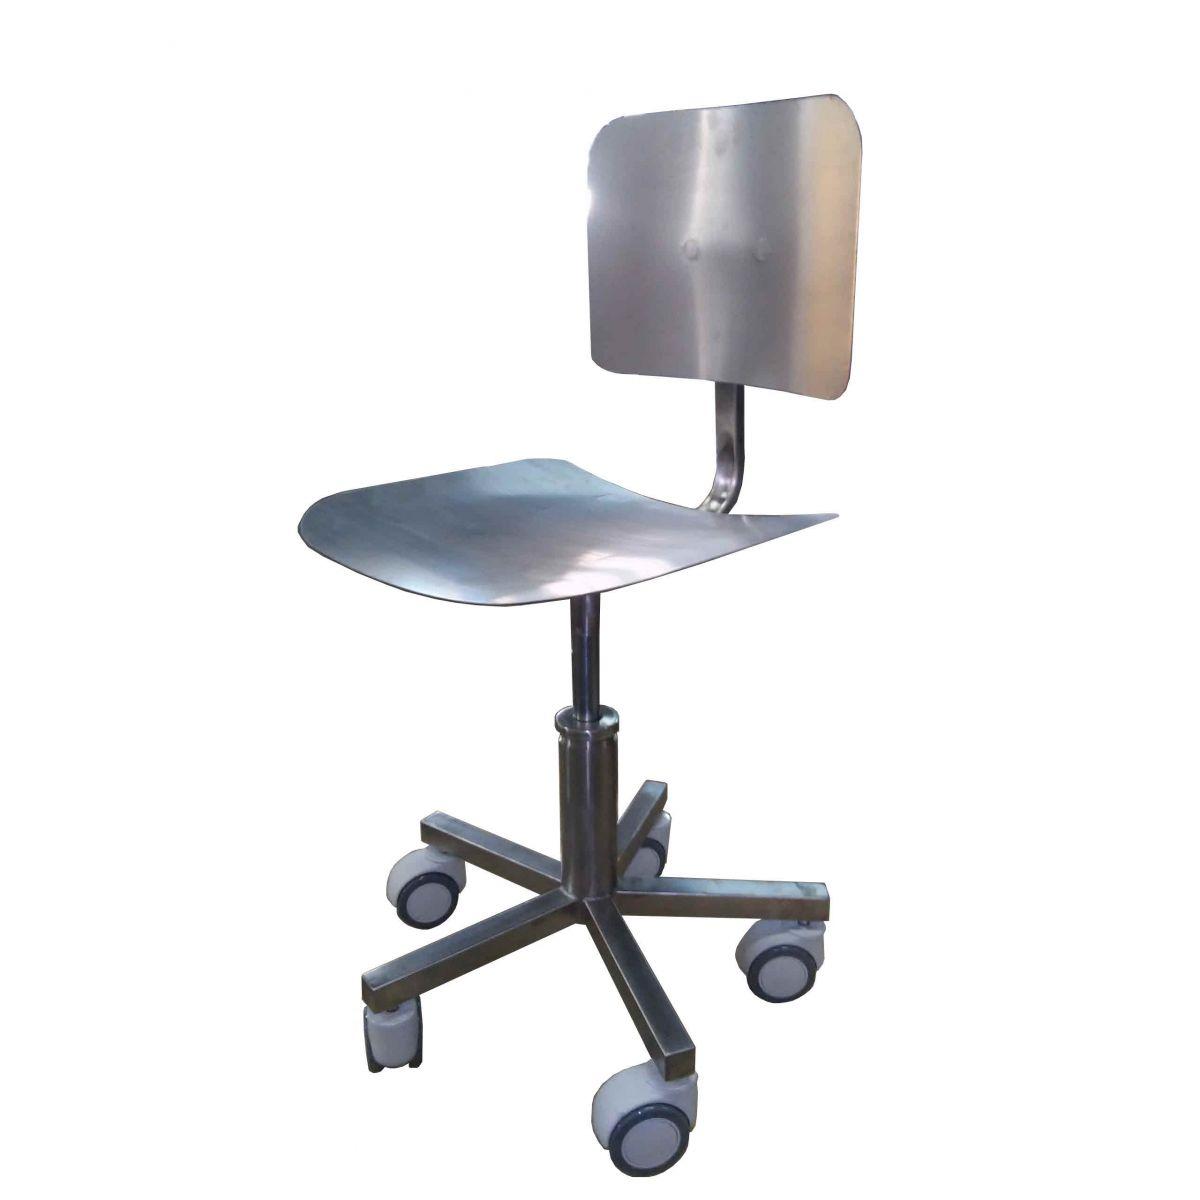 Cadeira com regulagem de altura em aço inox Fábrica de Carrinhos  #80664B 1200x1200